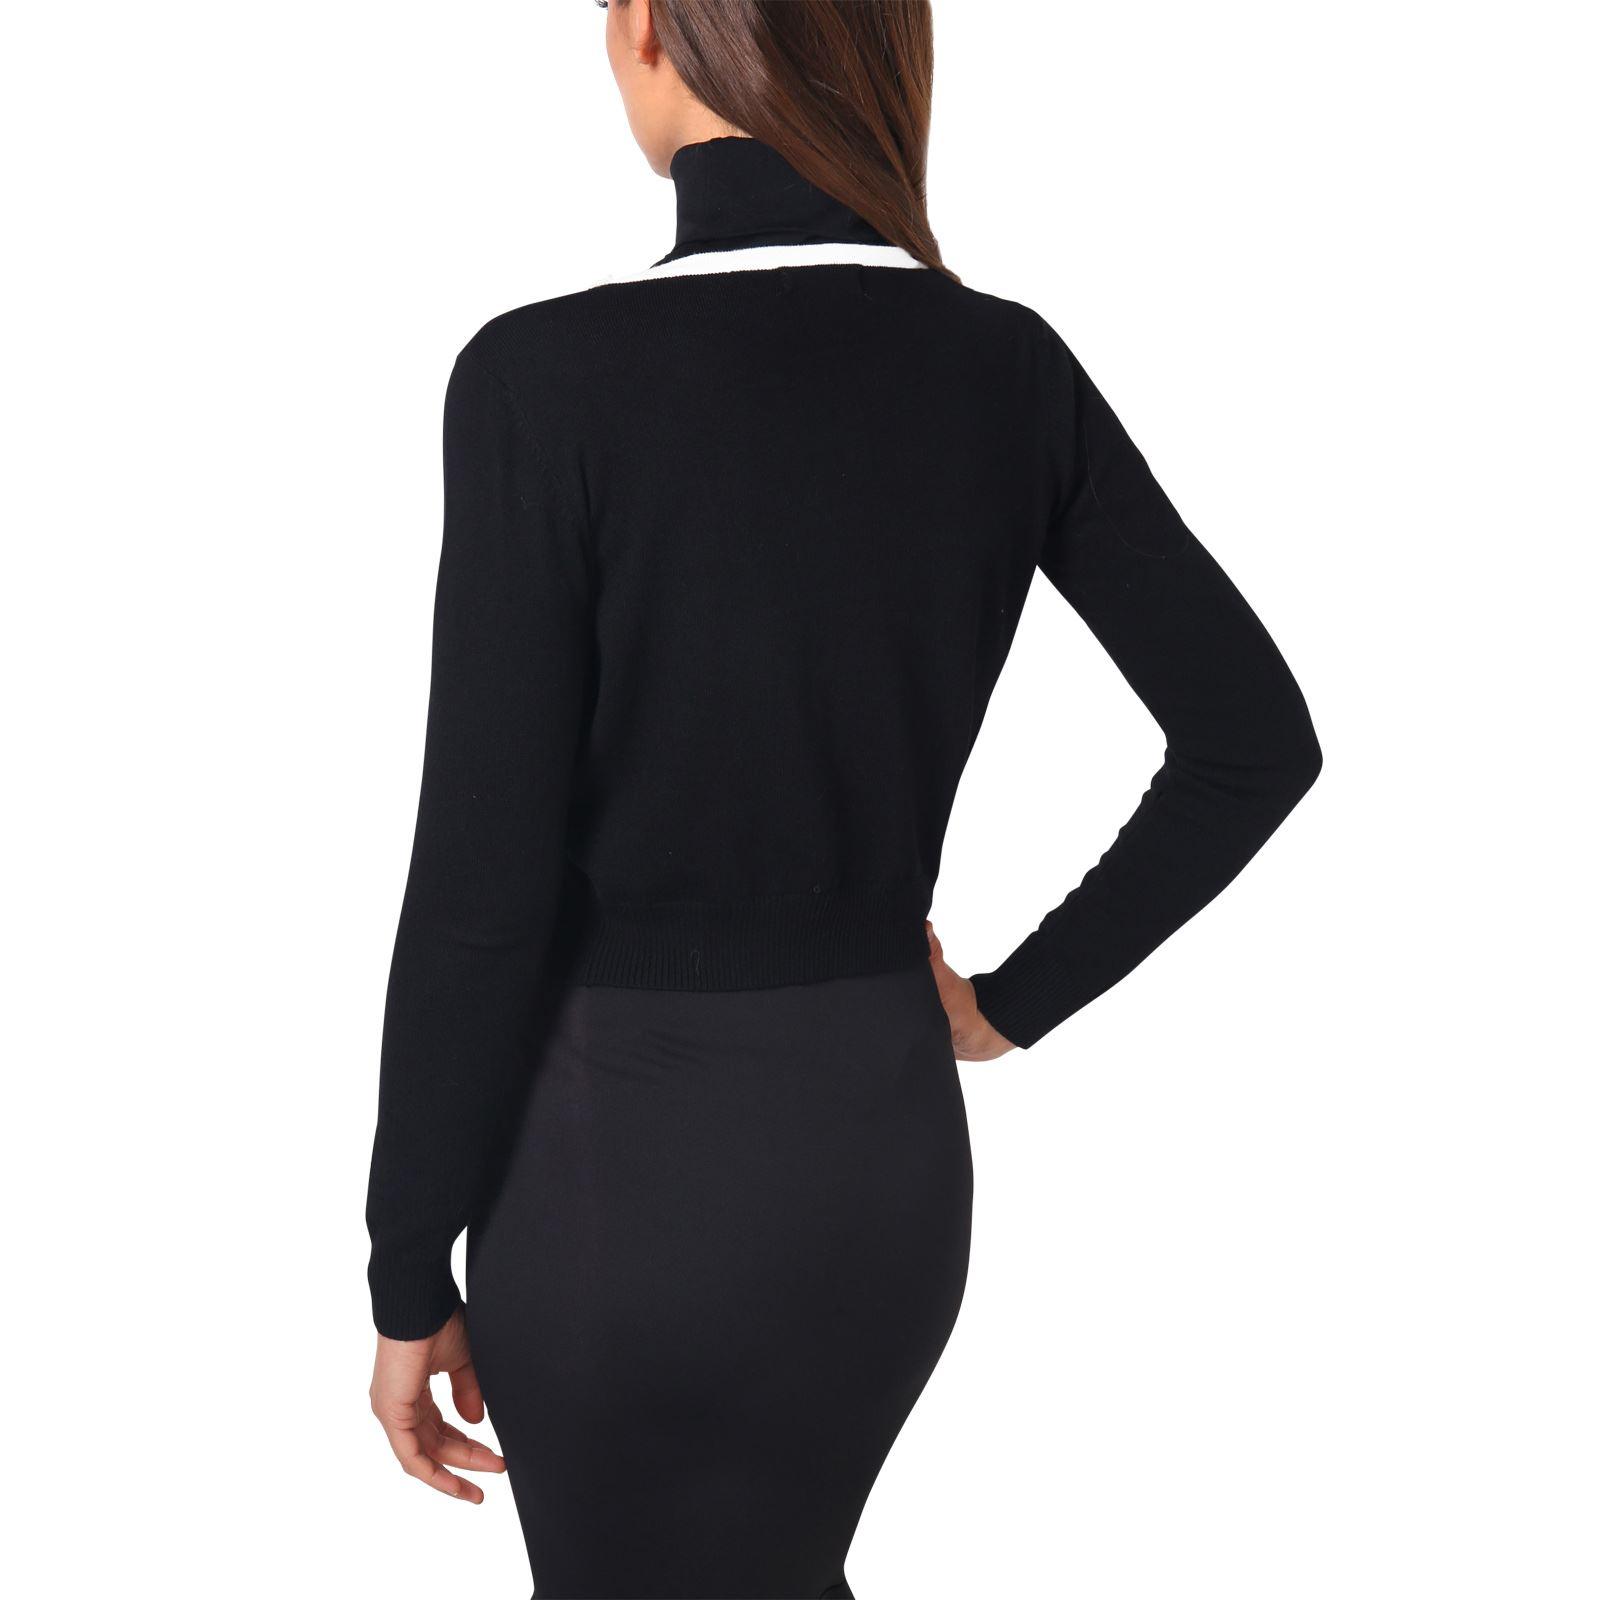 Donna-Cardigan-Maglia-Bolero-Coprispalle-Seta-Perle-Manica-collo-lungo-Lavoro miniatura 3